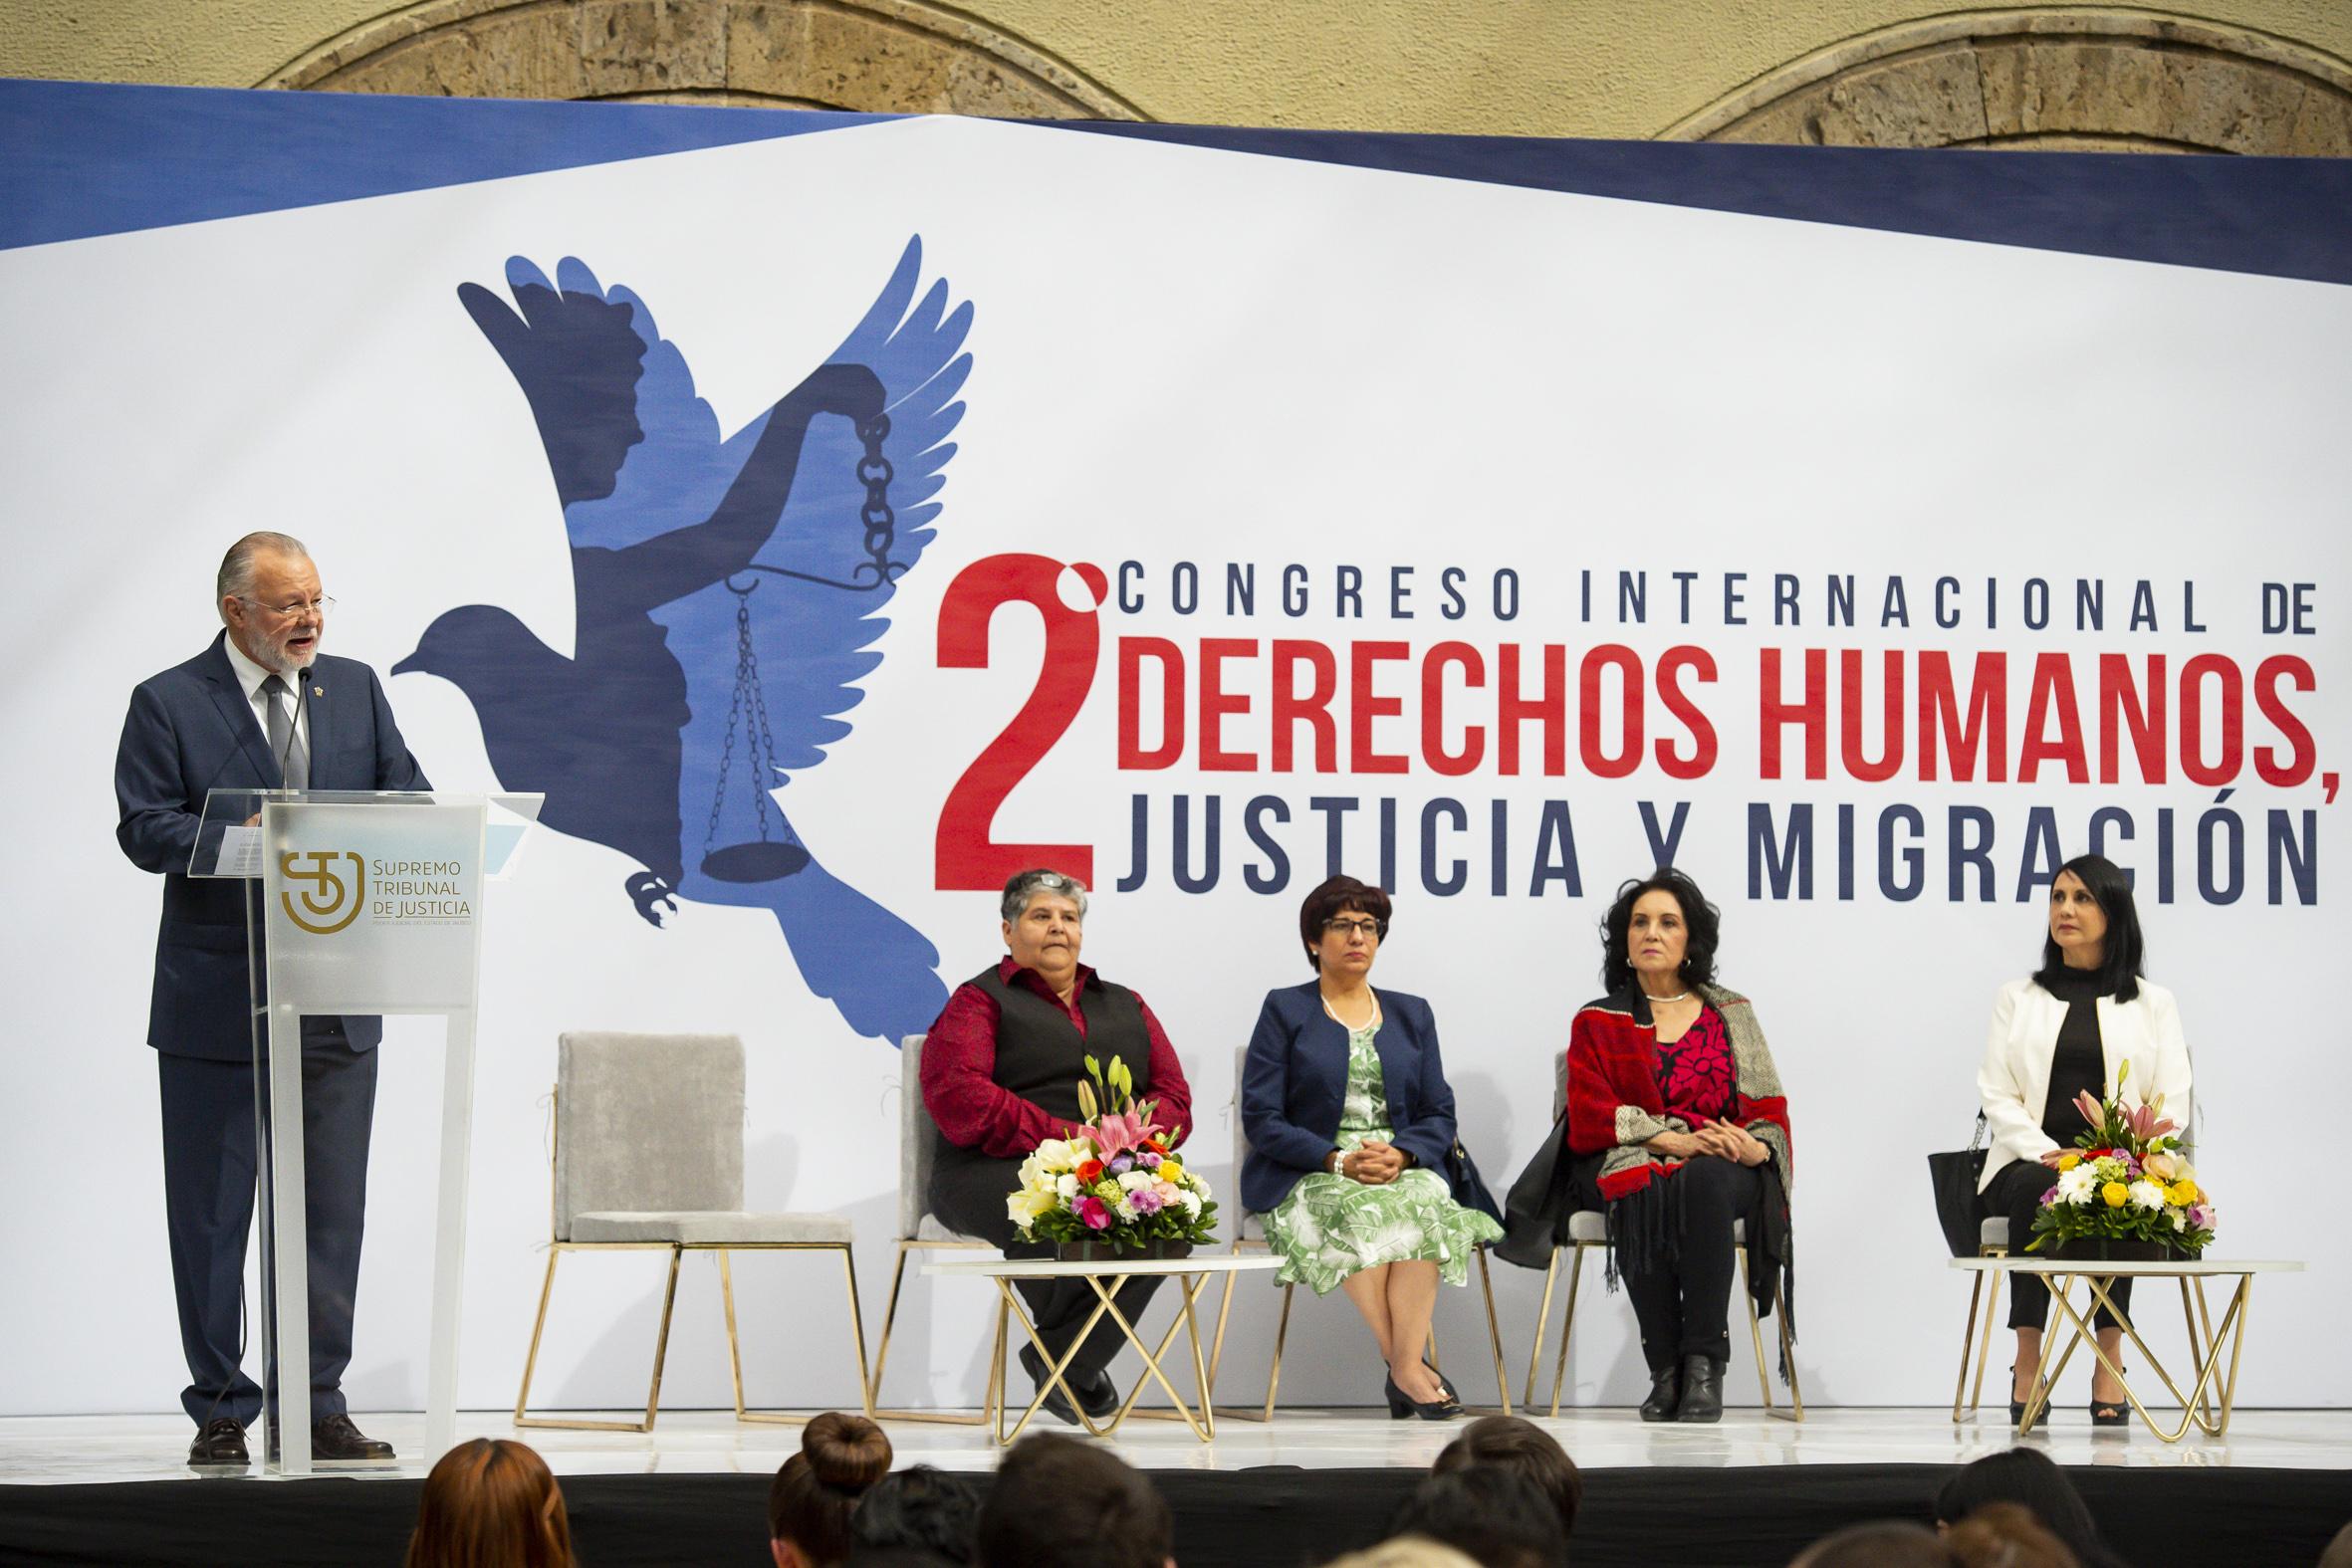 El licenciado Padilla Lopez habla en el segundo Congreso Internacional Derechos Humanos, Justicia y Migracion